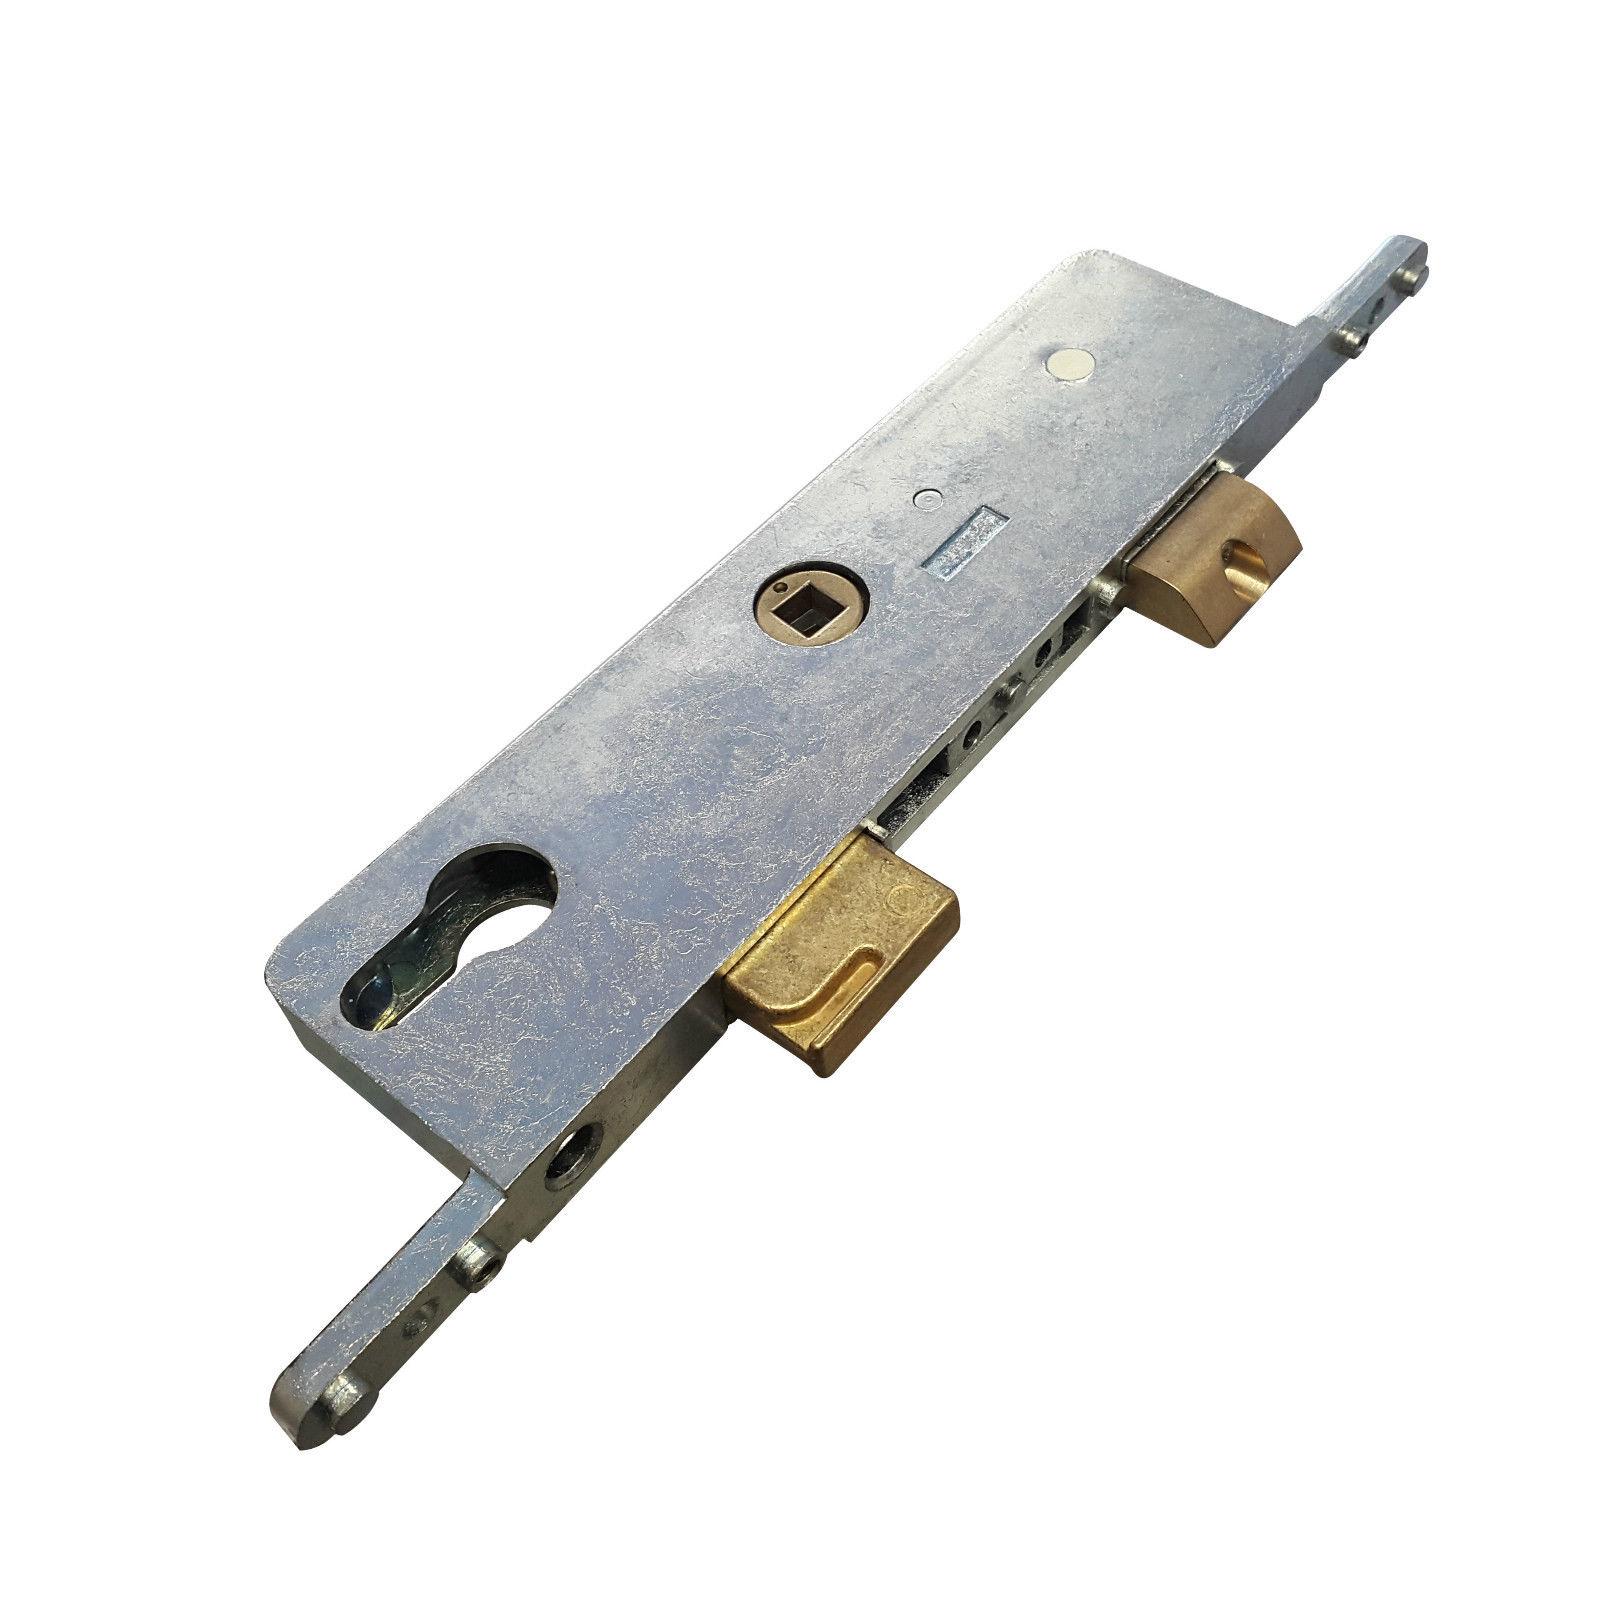 Fullex Sl16 68pz Replacement Upvc Gear Box Door Lock